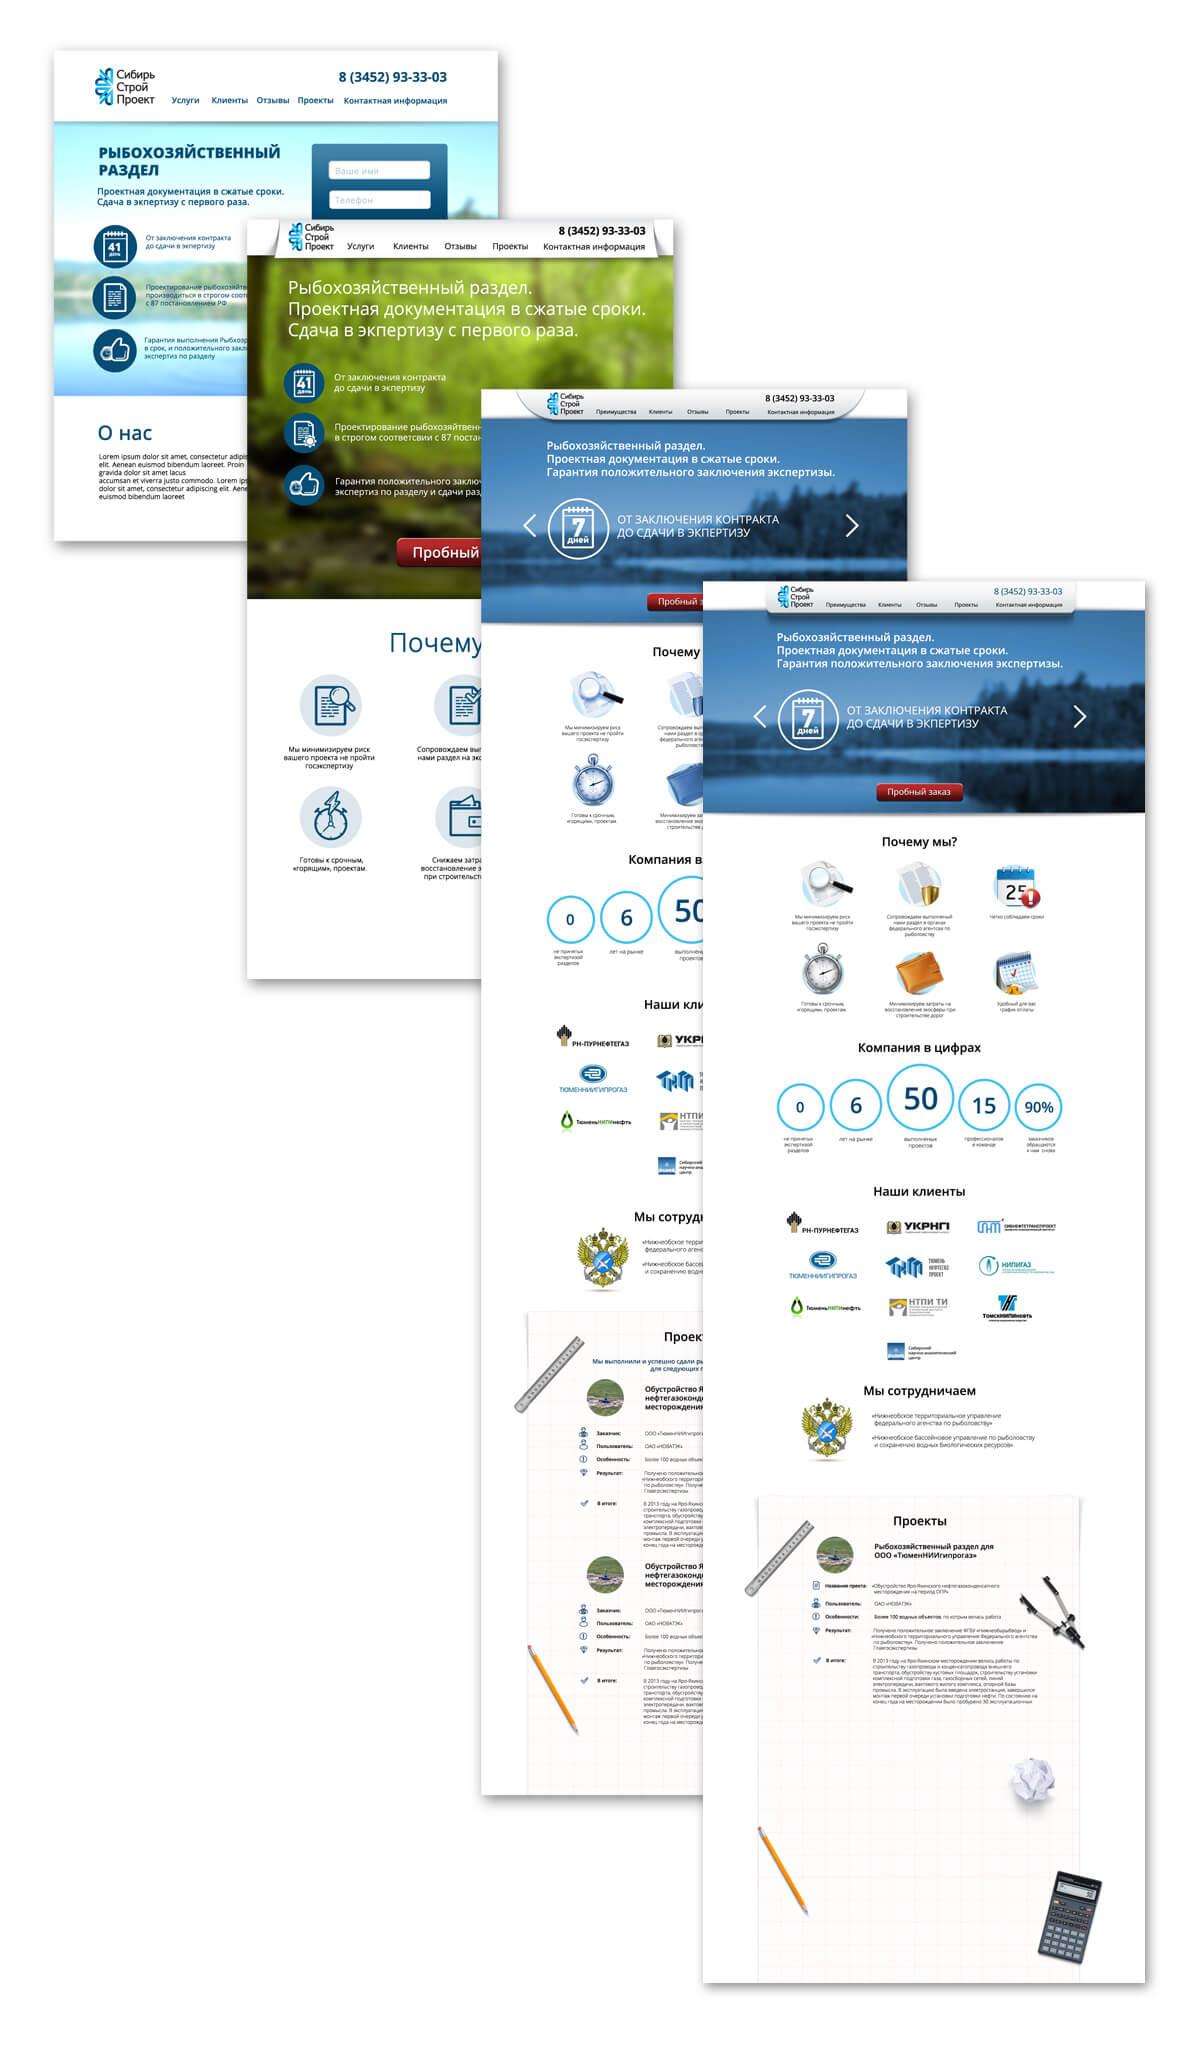 Пример процесса в дизайне